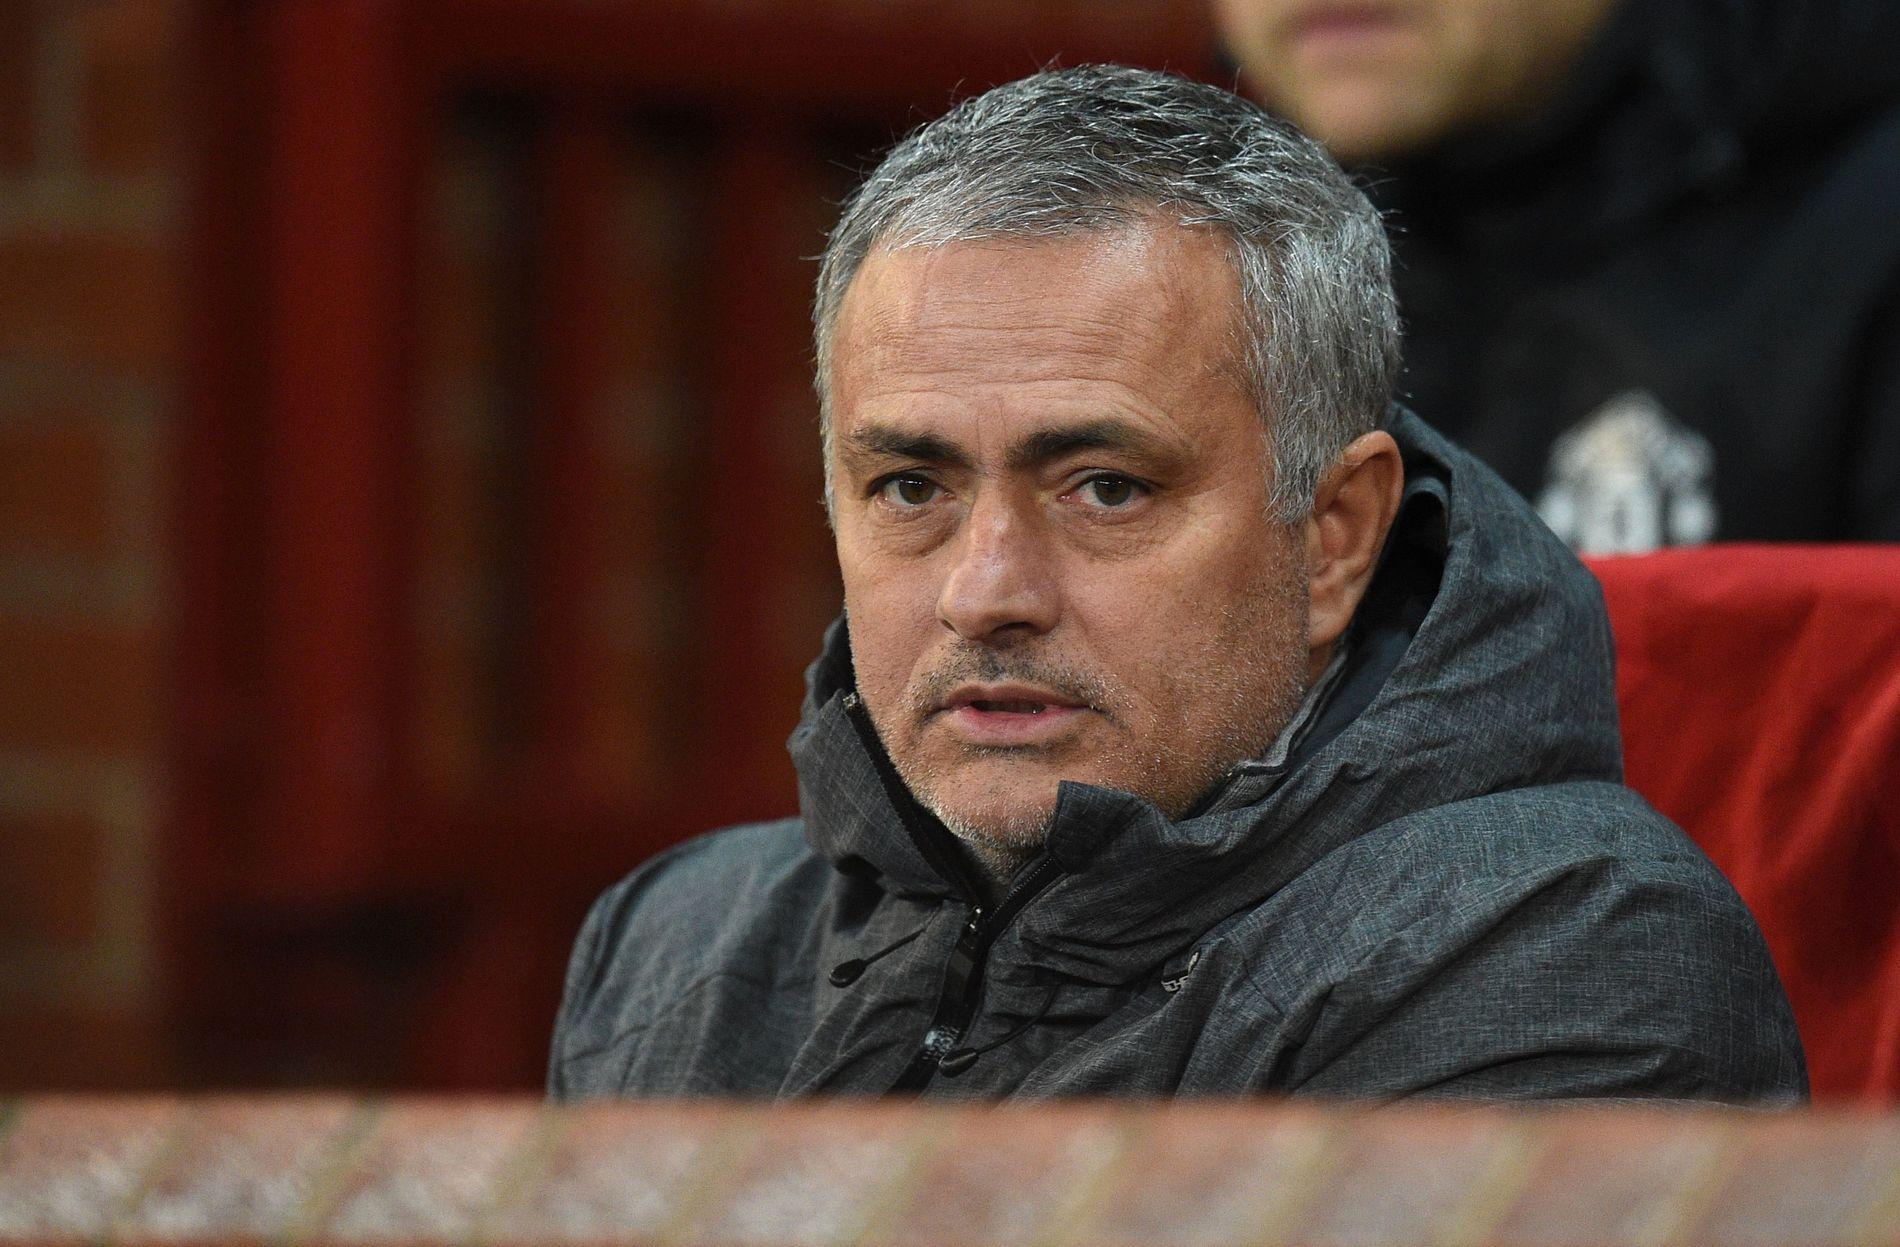 FÅR KRITIKK: Manchester United-manager José Mourinho har måttet tåle mye kritikk etter håndteringen av 2-1-tapet mot Manchester City i helgen.